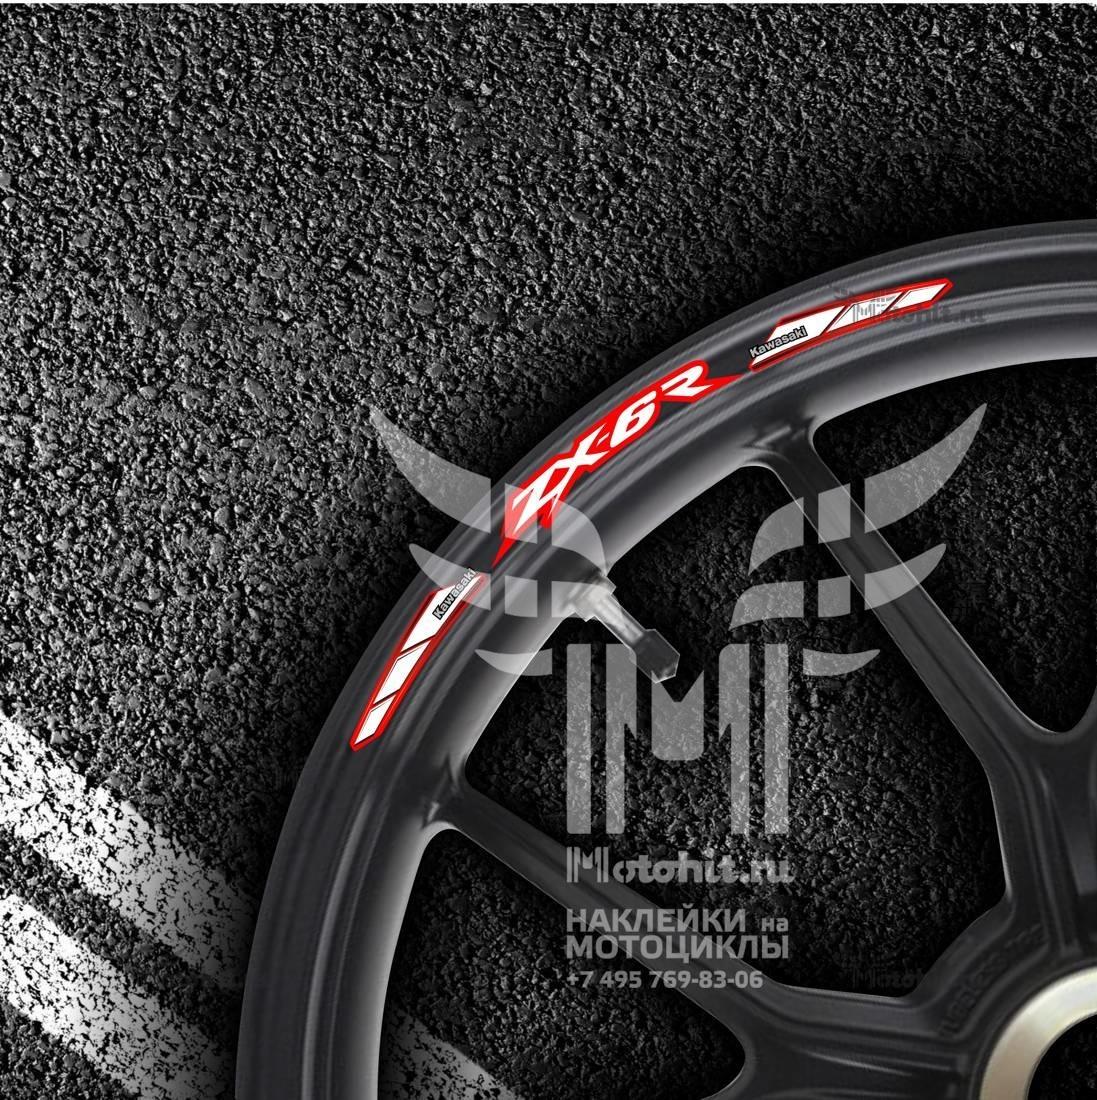 Комплект наклеек на обод колеса мотоцикла KAWASAKI ZX-6R